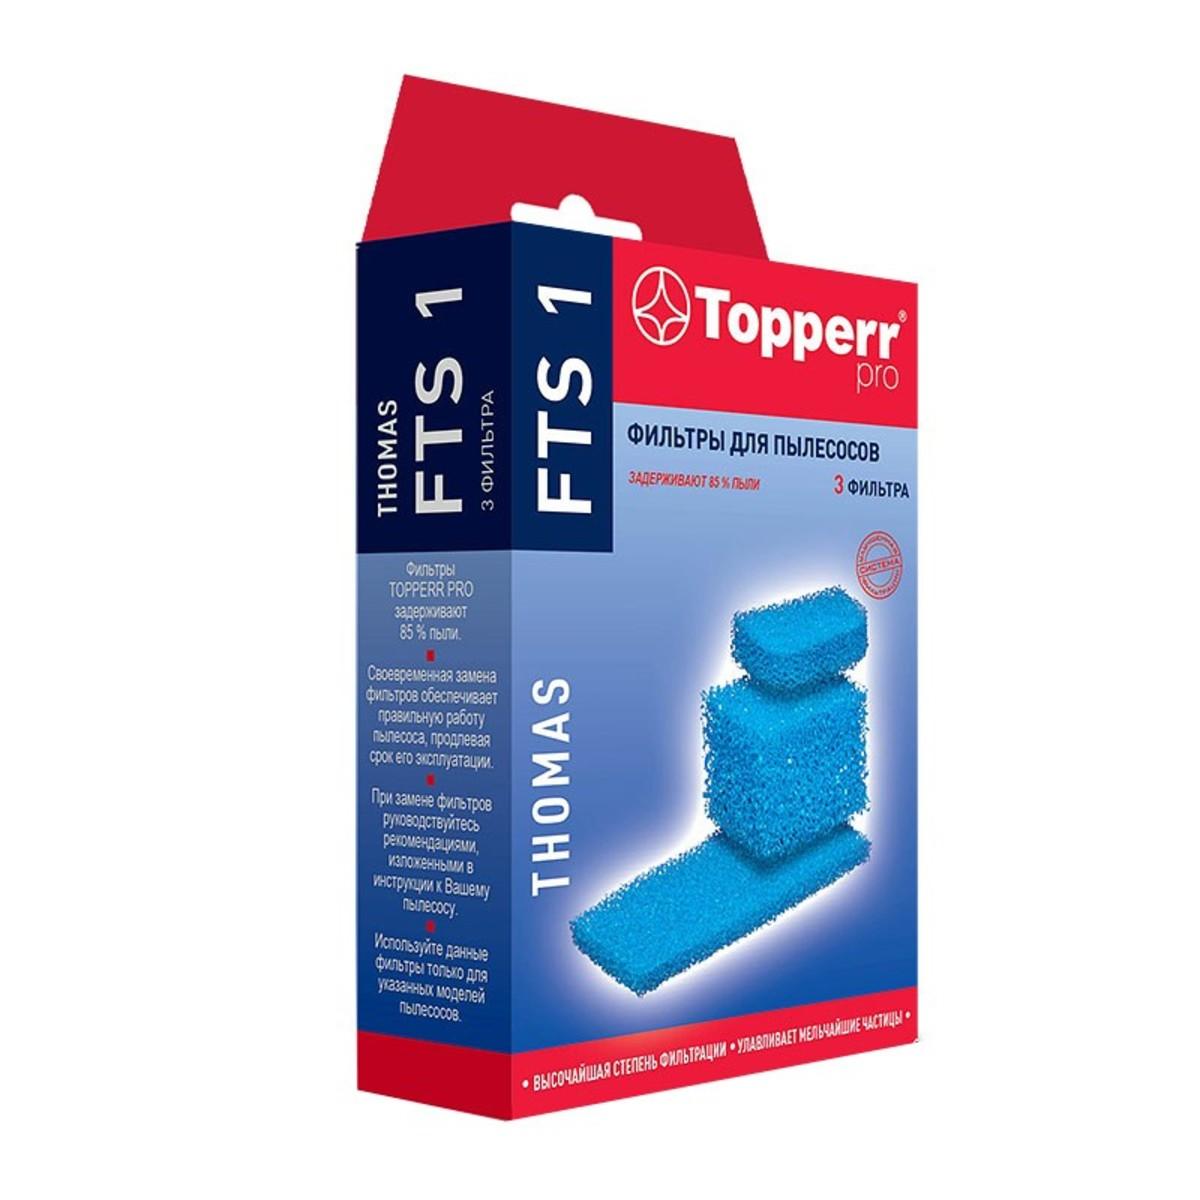 Набор фильтров Topperr FTS 1 для моющих пылесосов Thomas